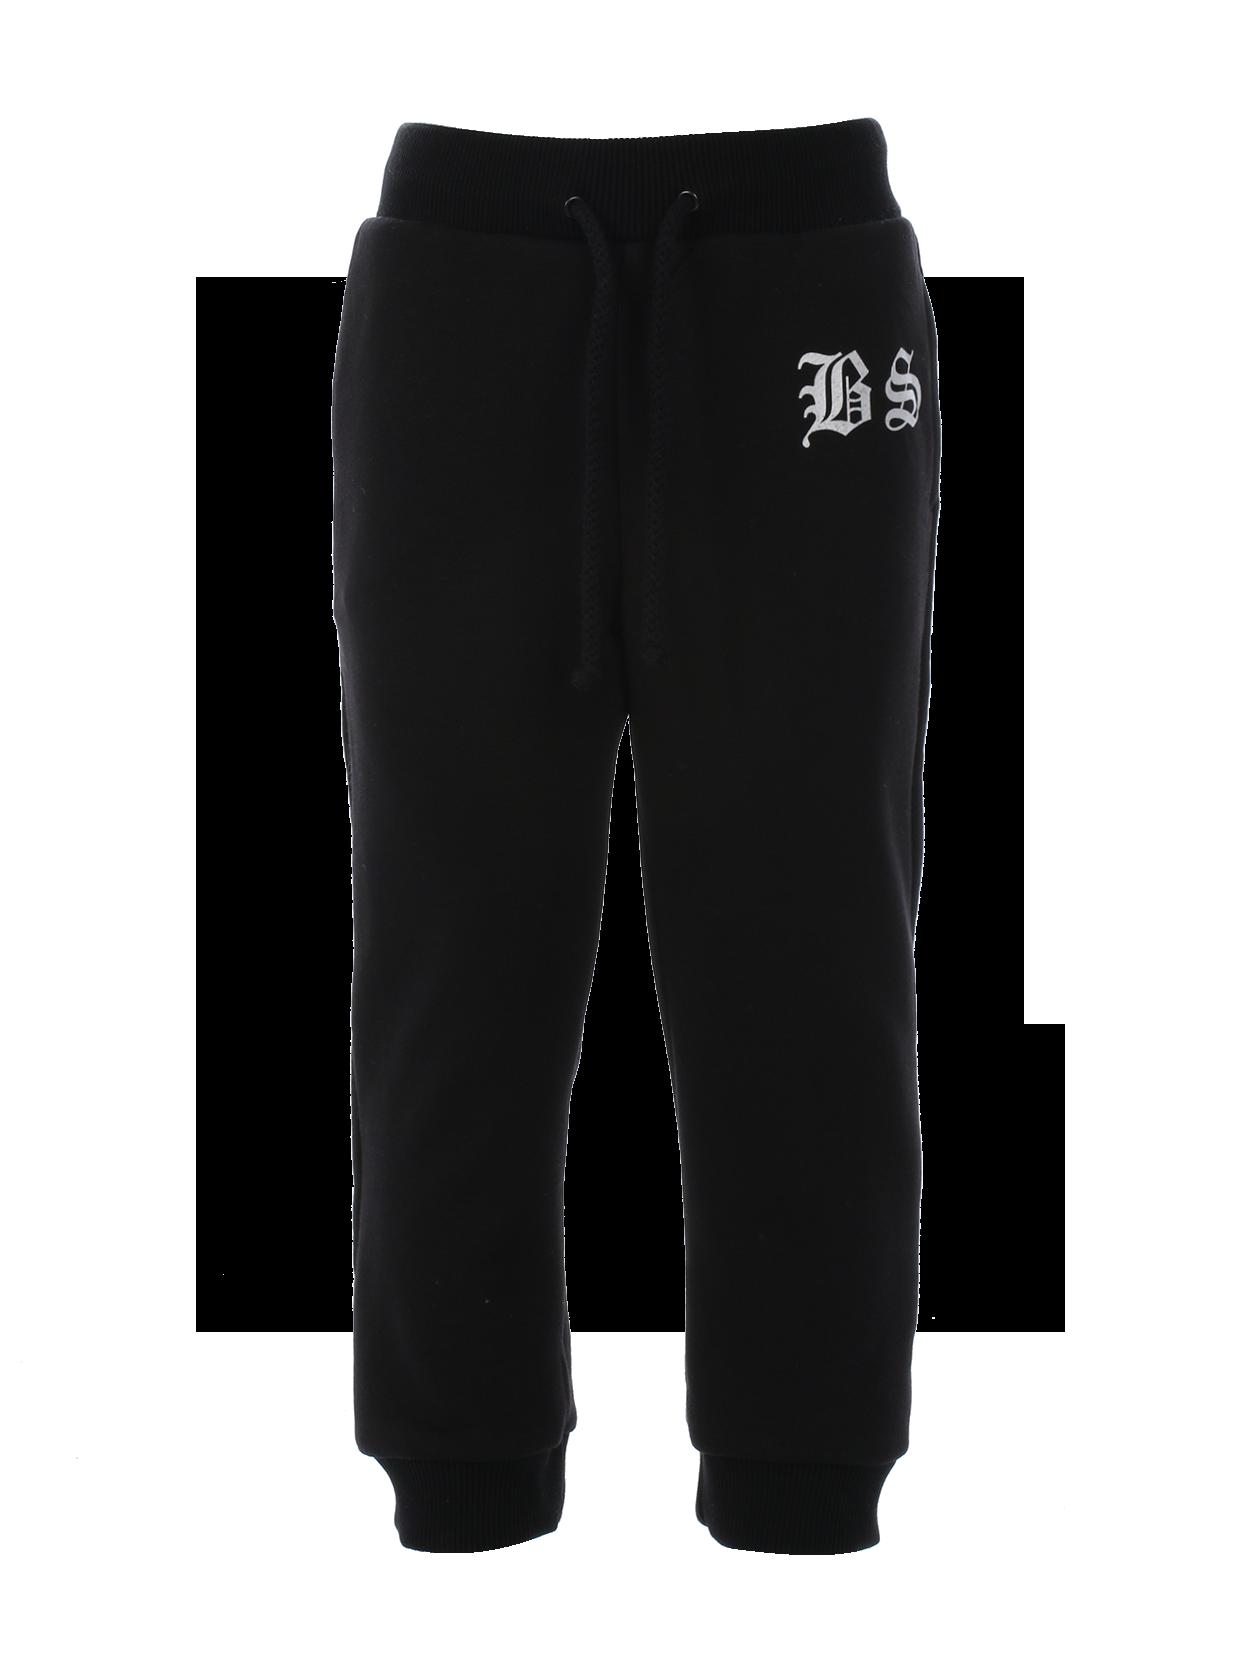 Kids trousers Kids BSСпортивные брюки из детской коллекции Black Star Wear ни по качеству, ни по стилю исполнения не уступают «взрослой» одежде бренда. Модель черного цвета, прямого зауженного кроя дополнена широкими эластичными манжетами по голенищу и боковыми карманами. На поясе регулируемый шнурок, обеспечивающий оптимальную посадку. Стильный акцент – контрастная нашивка BS спереди и российский триколор сзади.<br><br>size: 3-4 years<br>color: Black<br>gender: unisex